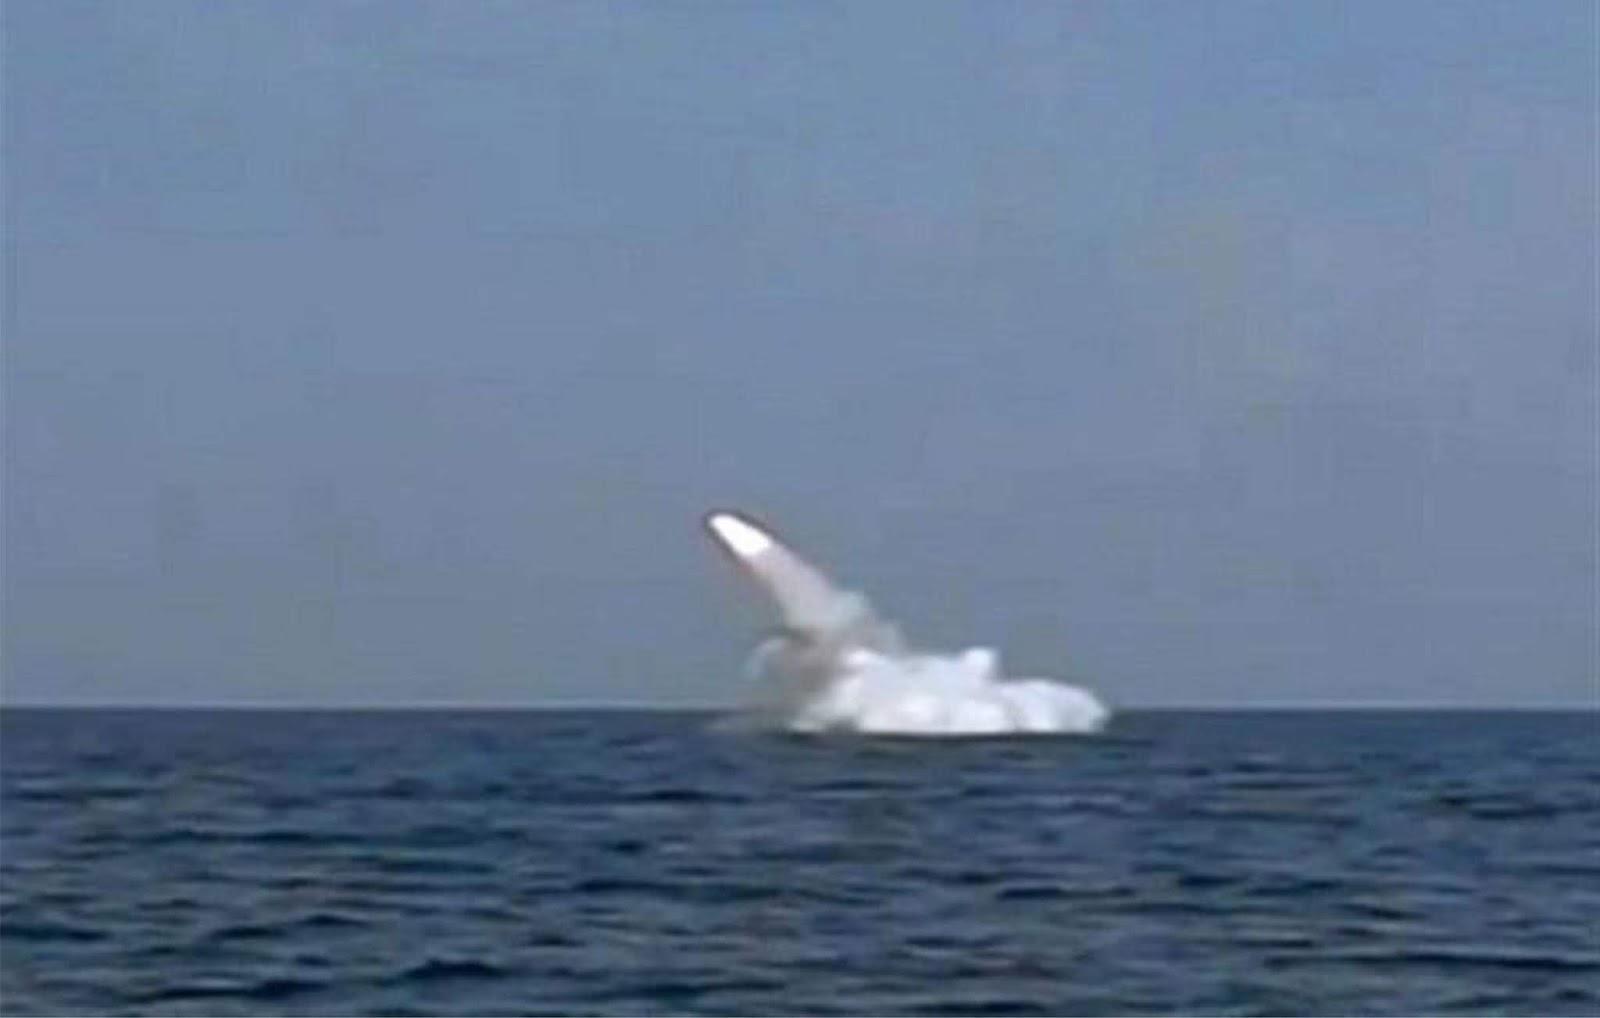 Kapal selam Qadir Iran untuk pertama kali meluncurkan rudal dari posisi terendam